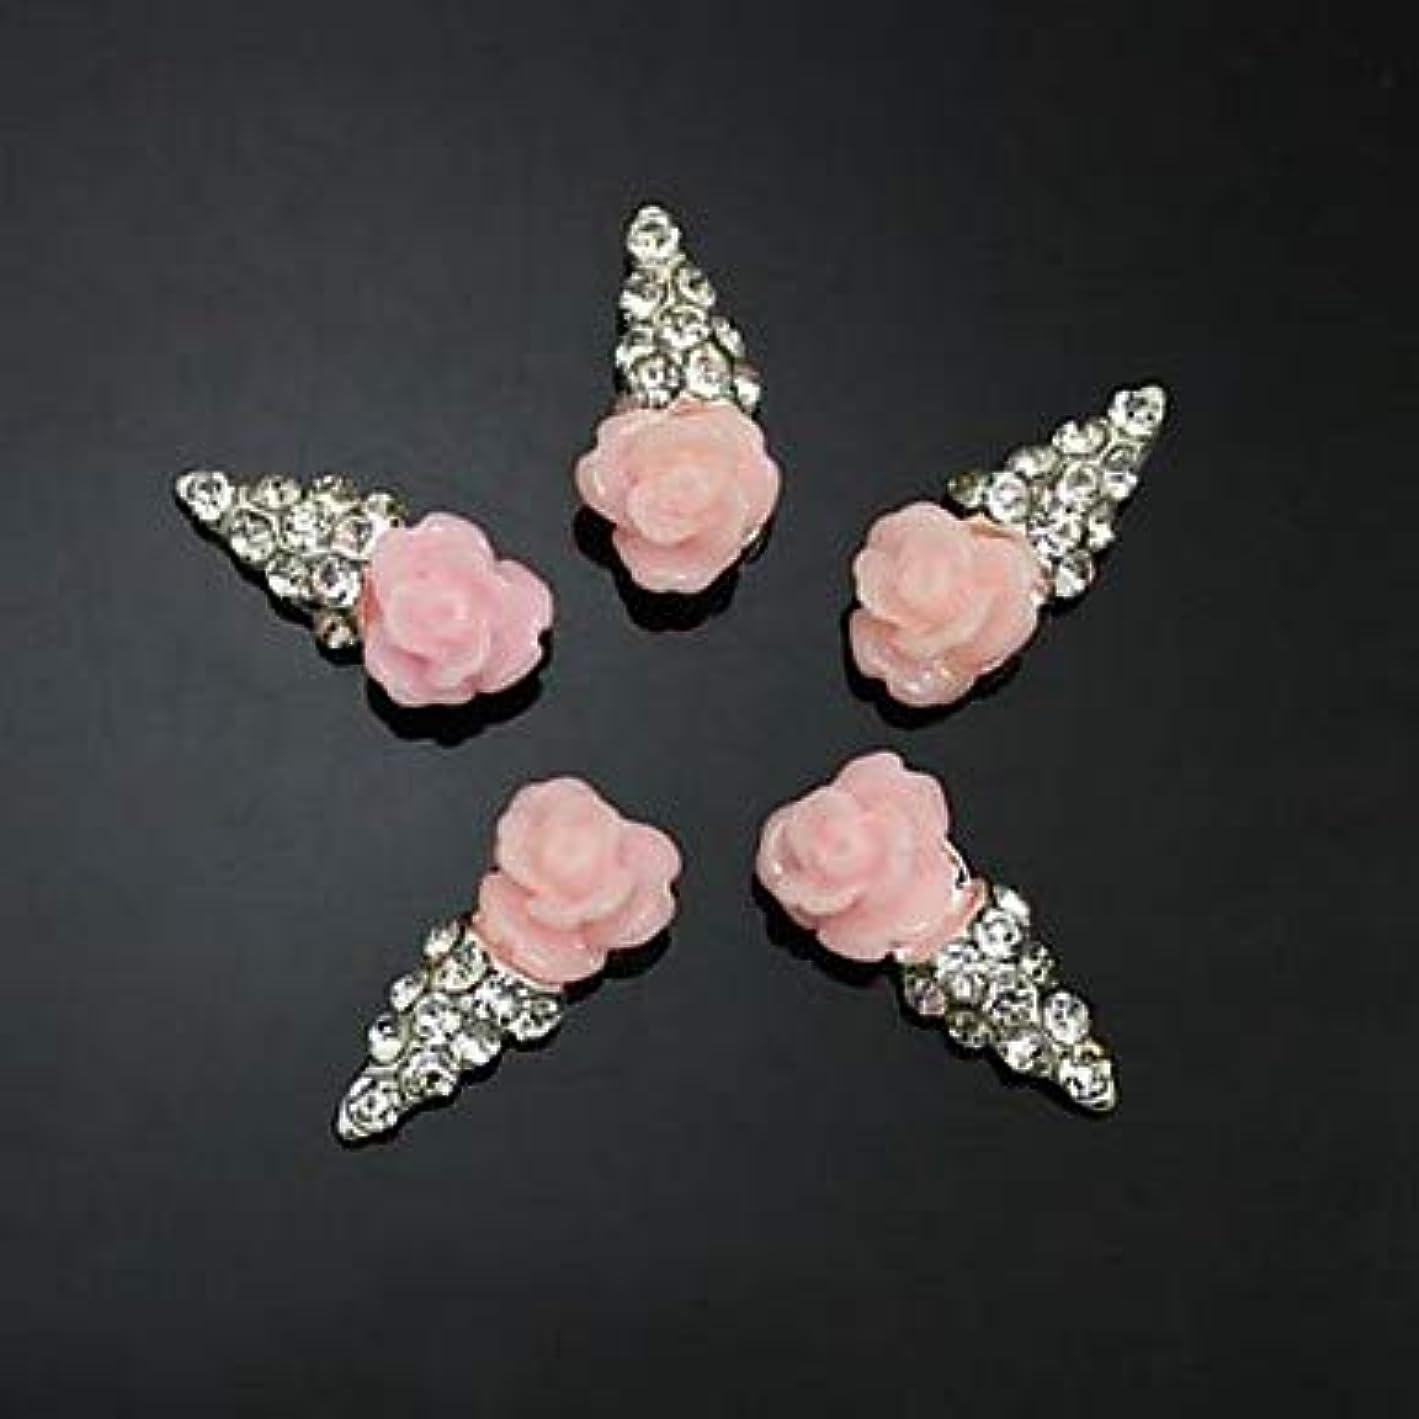 パッケージ抽出10ピースピンクの花の形のアイスクリーム3dラインストーンdiyアクセサリーネイルアートデコレーション